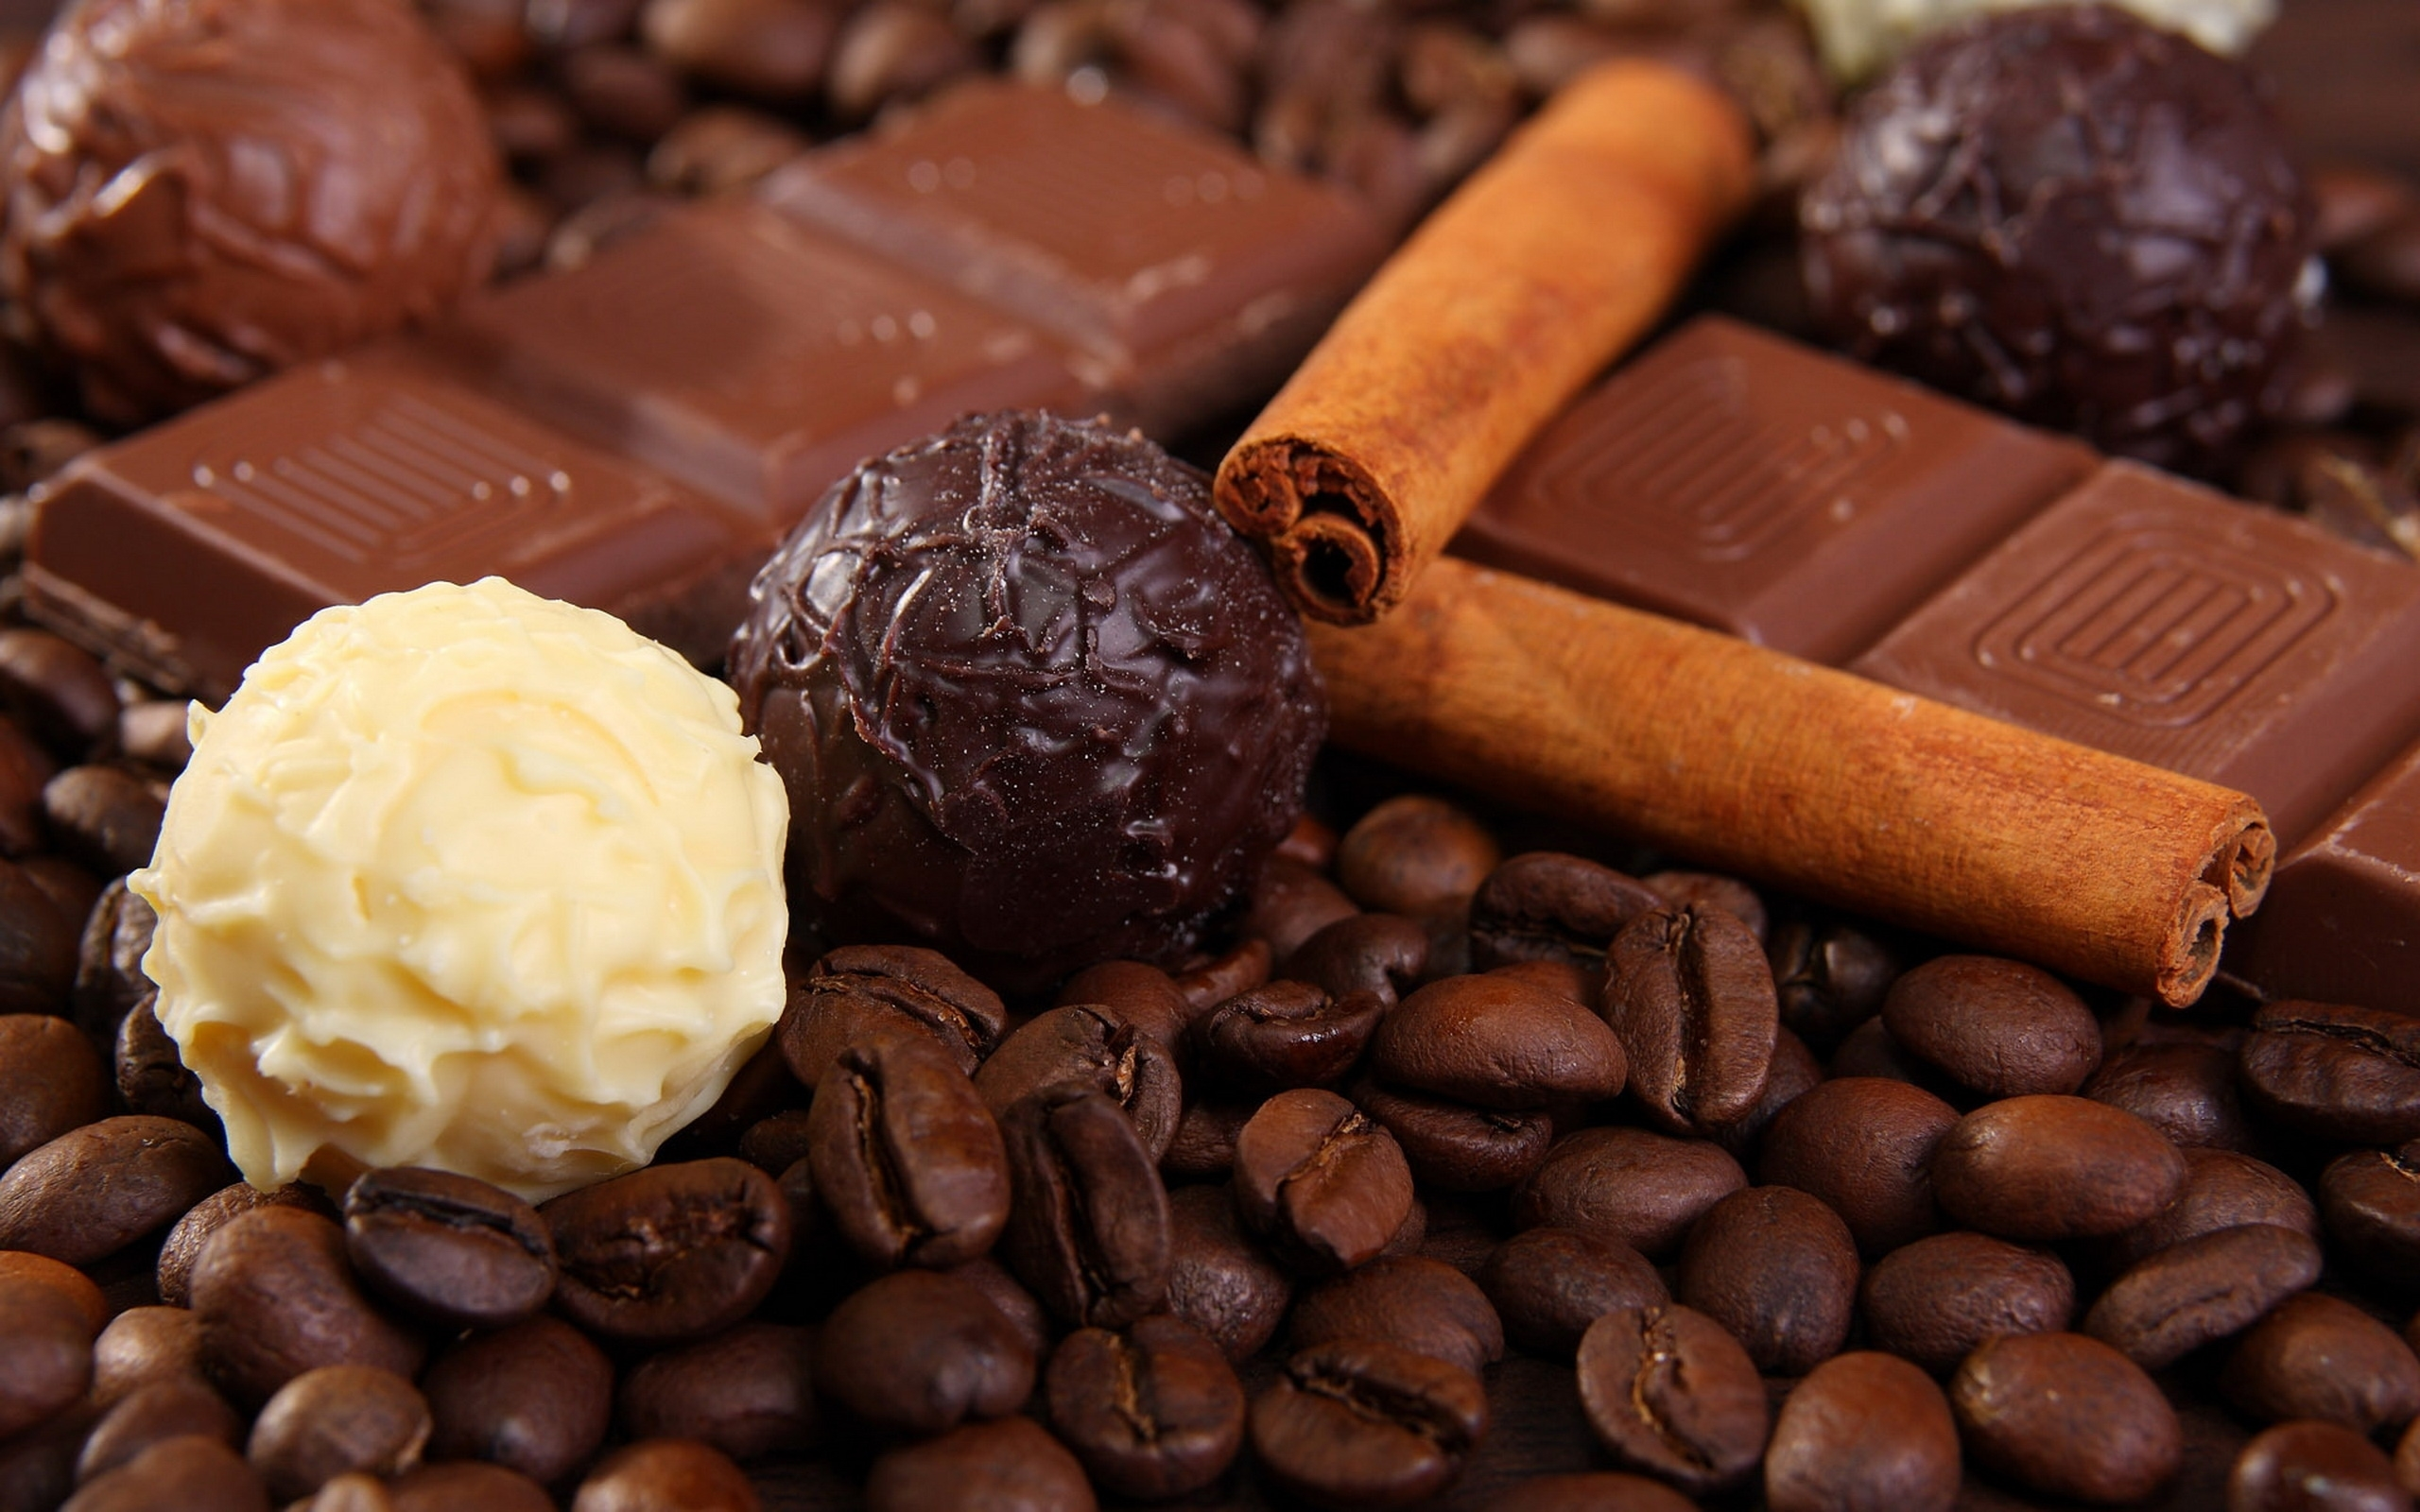 39019 скачать обои Еда, Десерты, Шоколад - заставки и картинки бесплатно